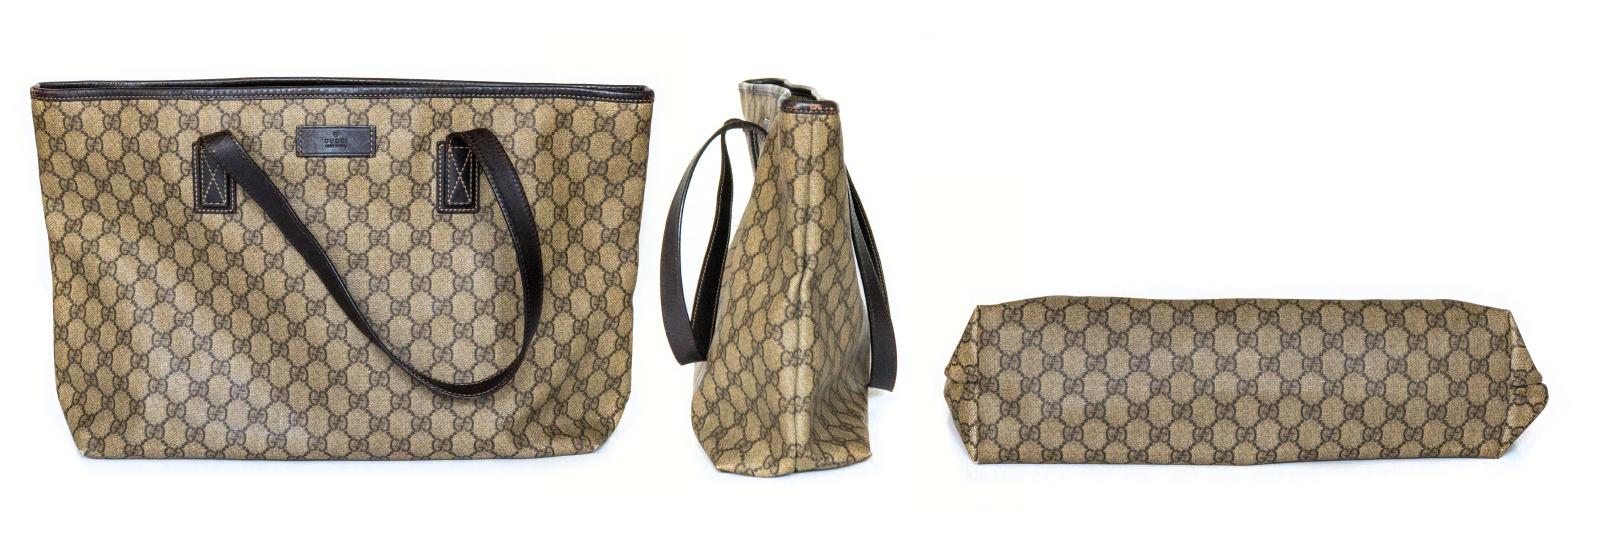 热门款 Gucci 托特包的百变改造风貌